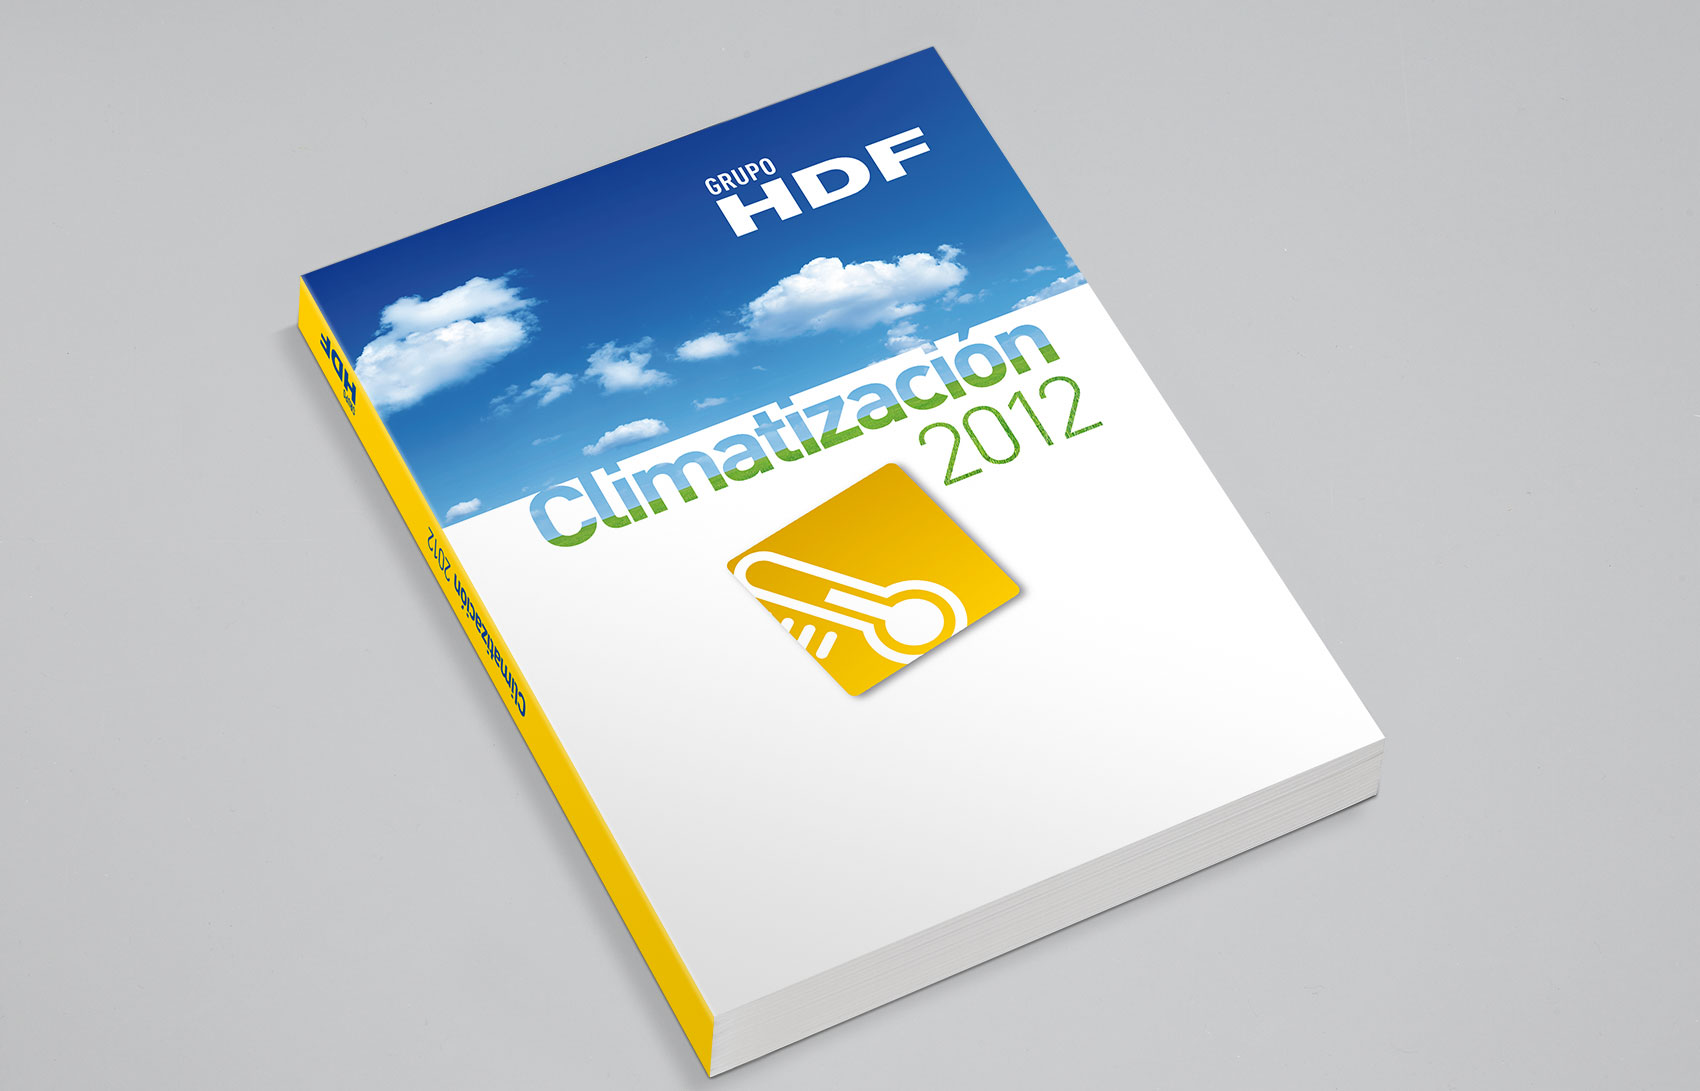 hdf-catalogos-02.jpg